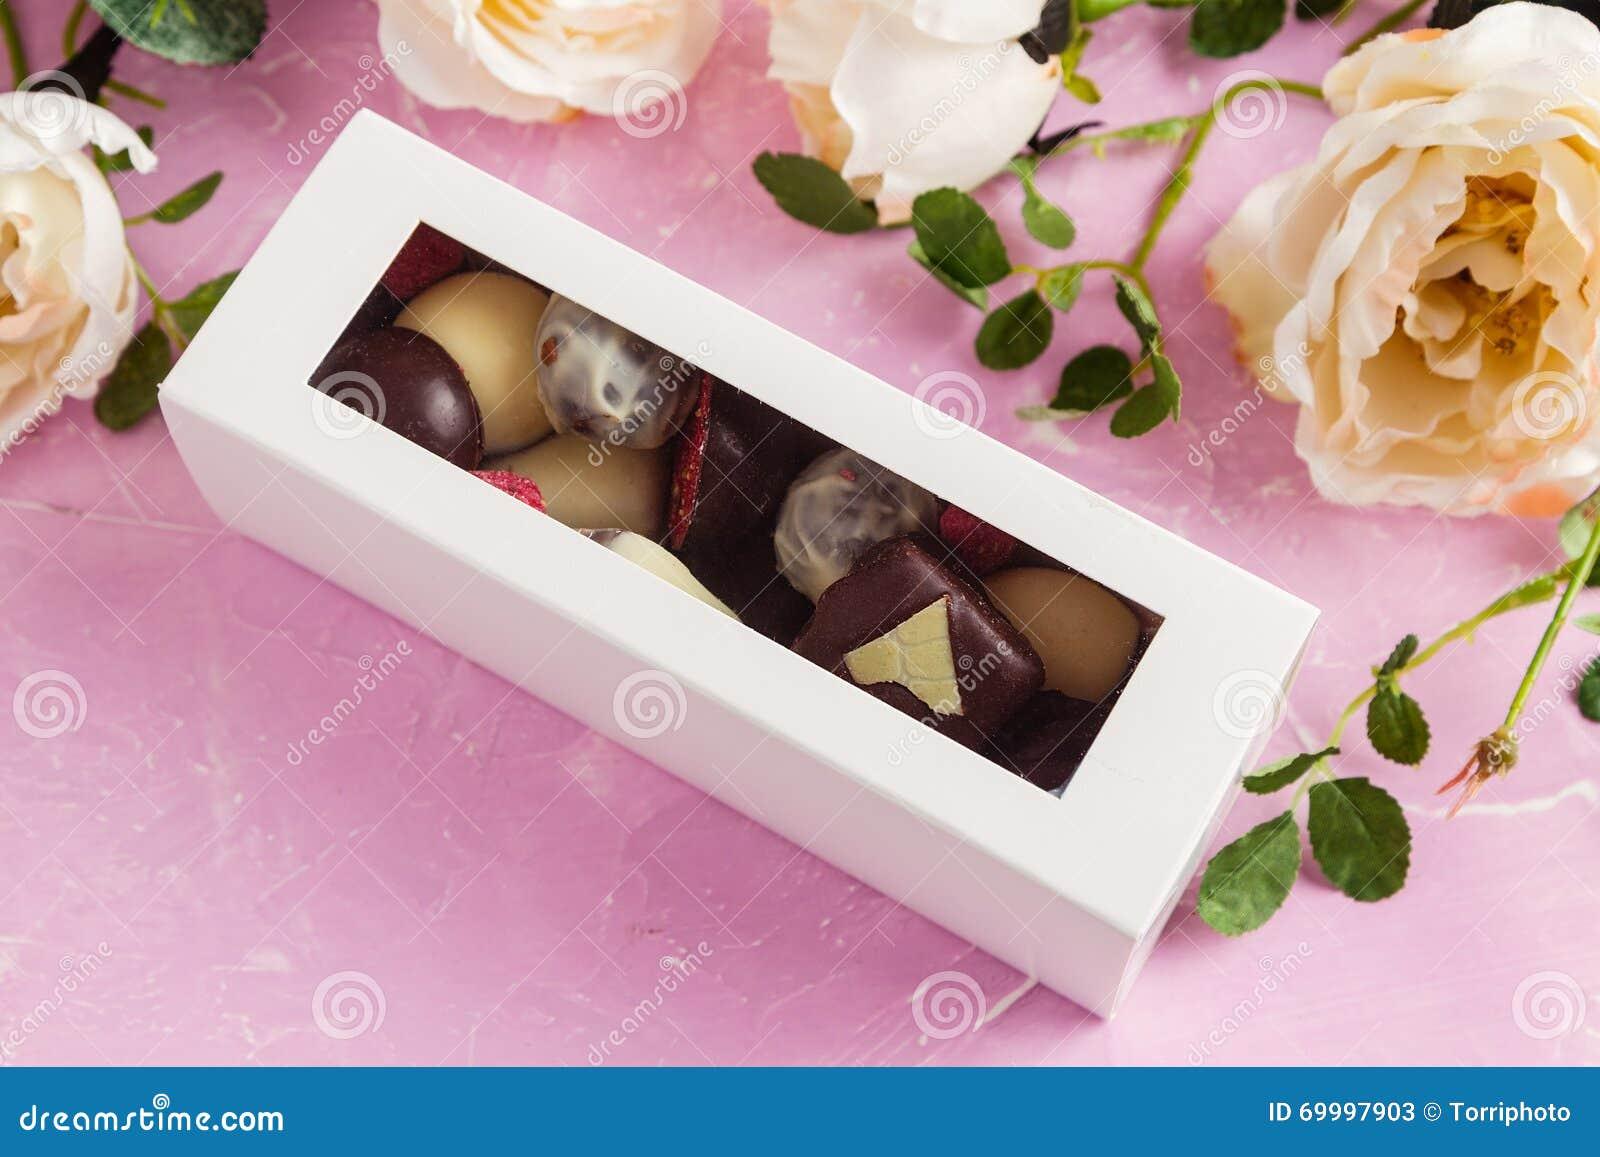 Handmade Chocolates In Gift Box